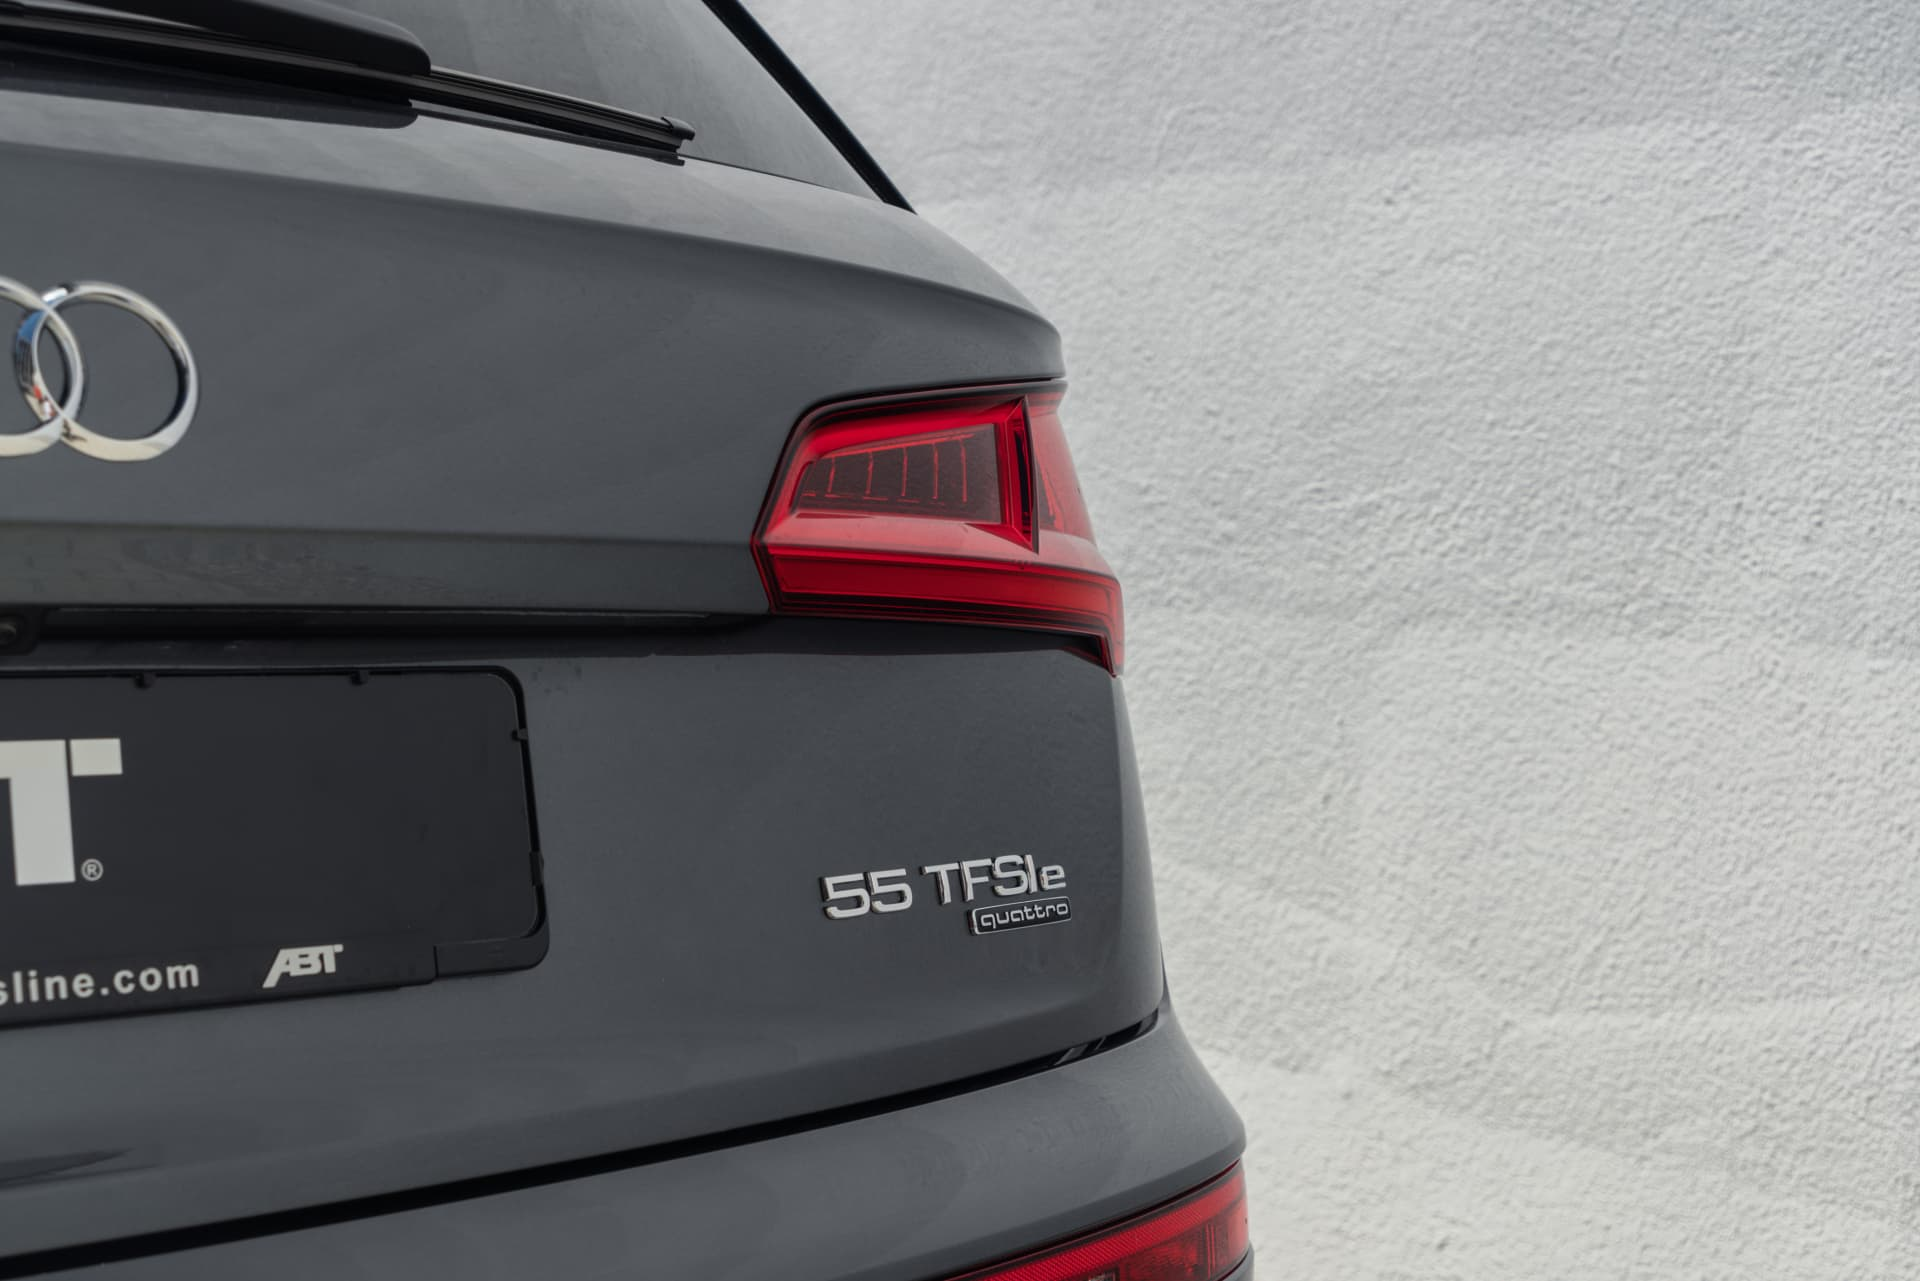 Audi Q5 Tfsie Abt 05